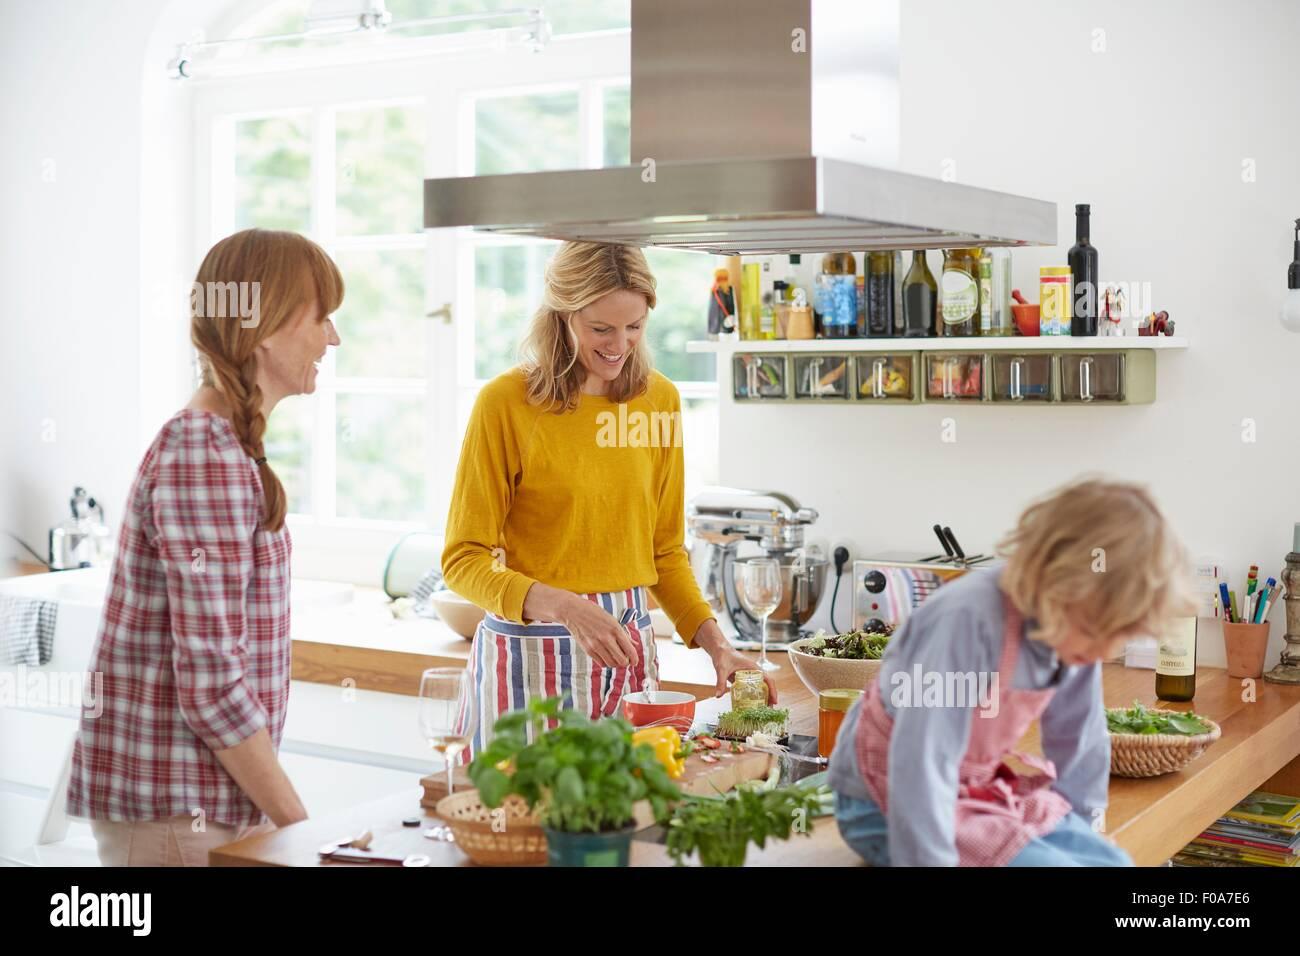 Le donne la preparazione di pasto in cucina Immagini Stock